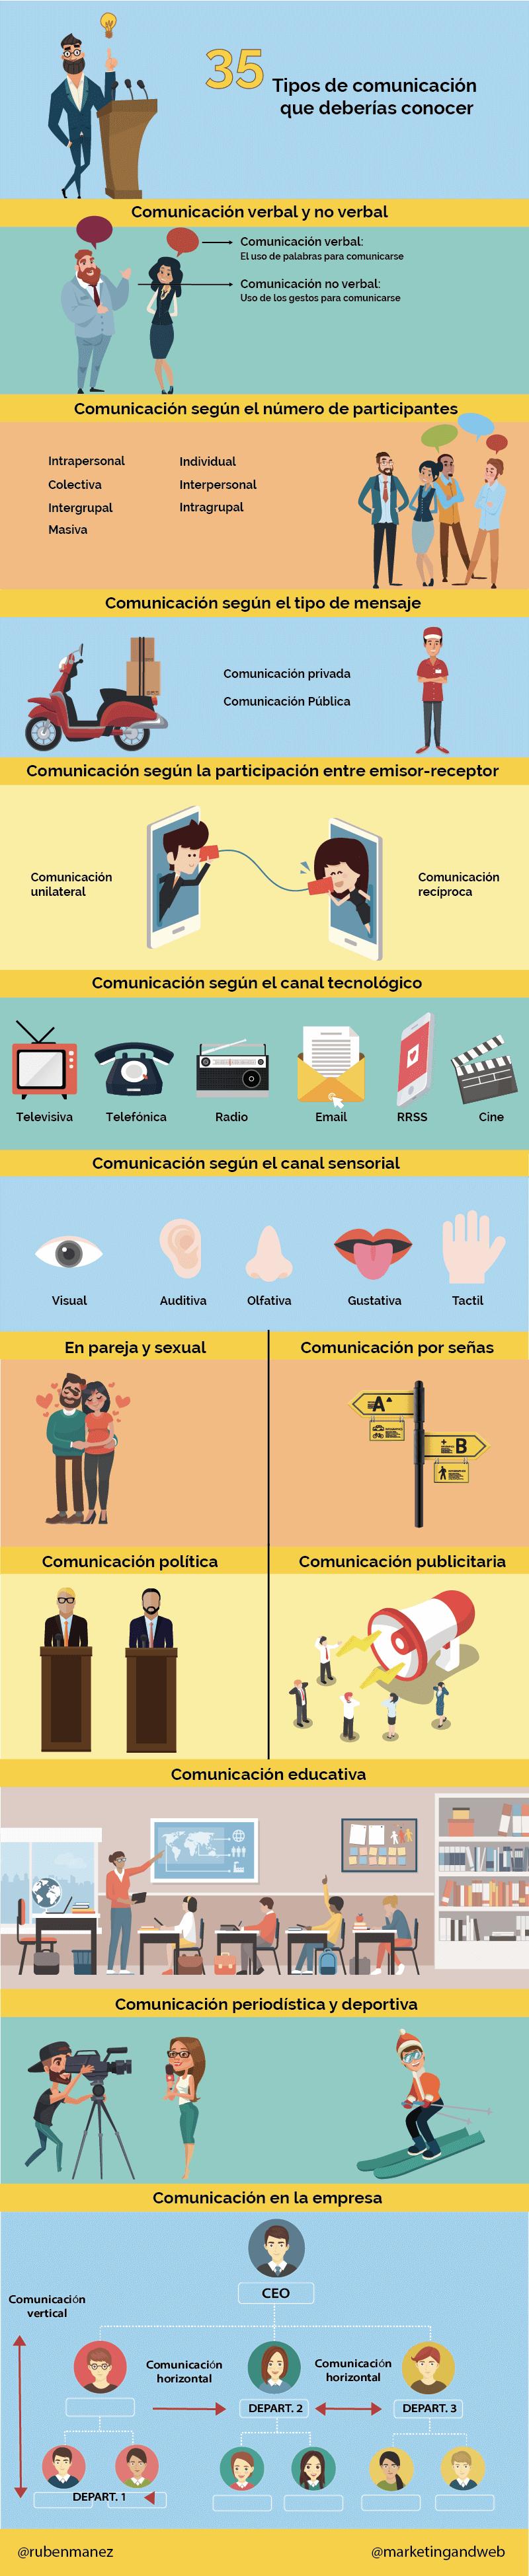 35 Tipos De Comunicación Que Debieras Conocer Infografia Infographic Tics Y Formación